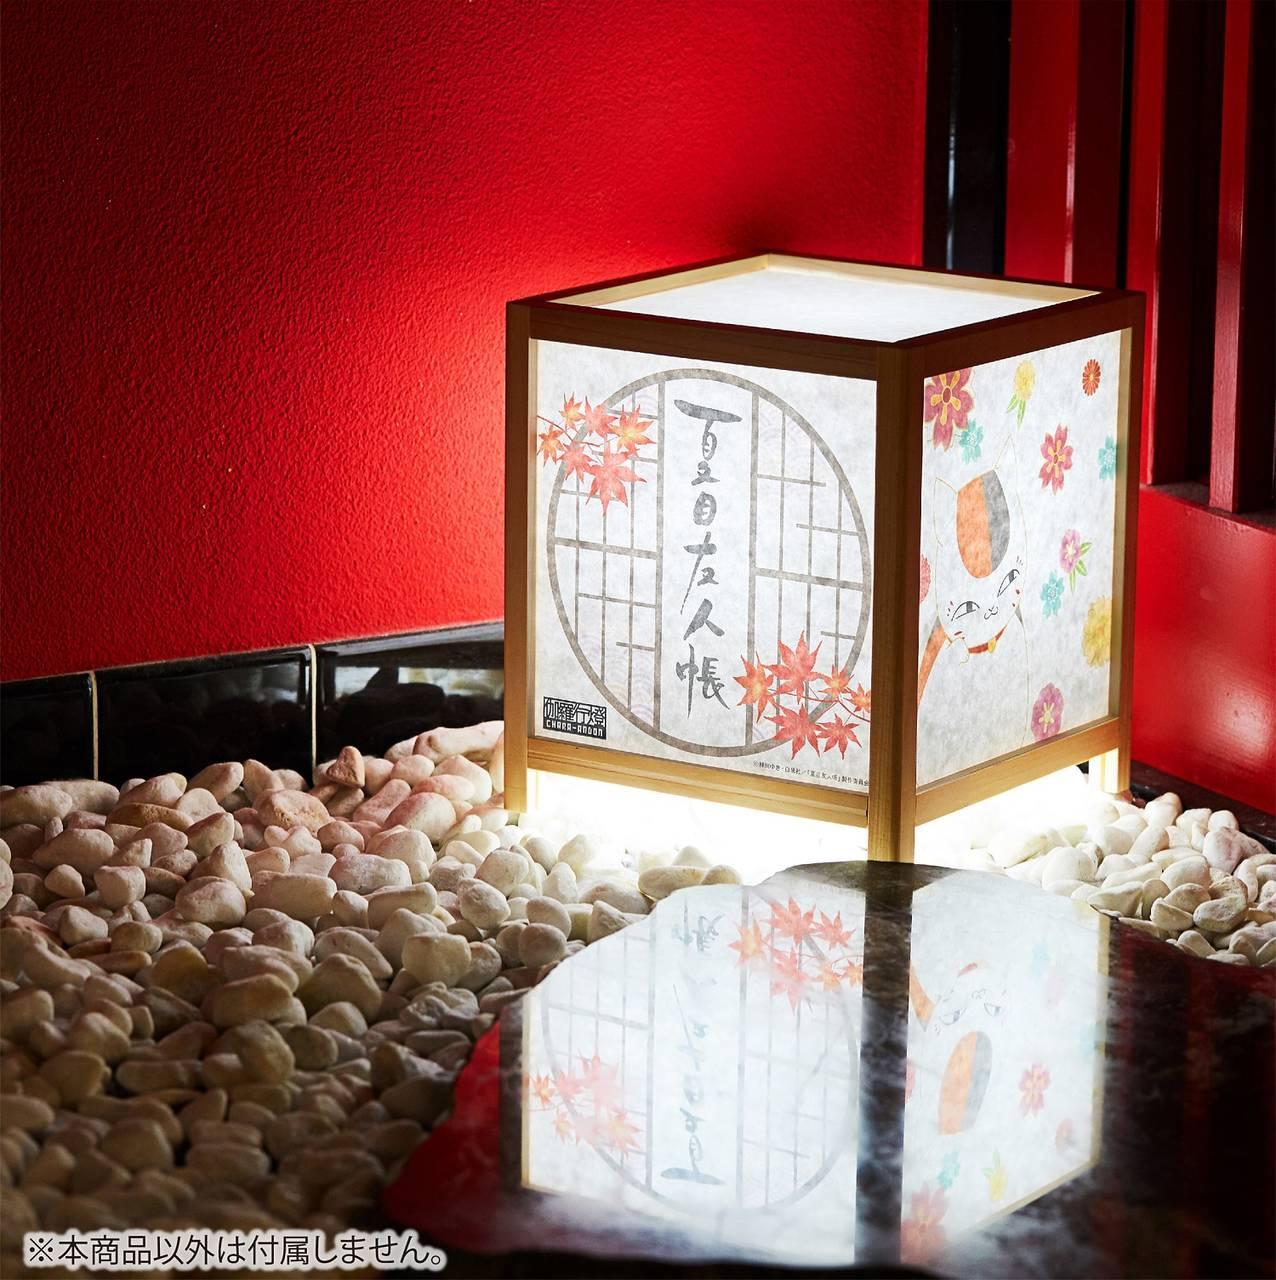 ニャンコ先生が可愛い♪ 『夏目友人帳』雅な雰囲気の「行燈」が発売決定!